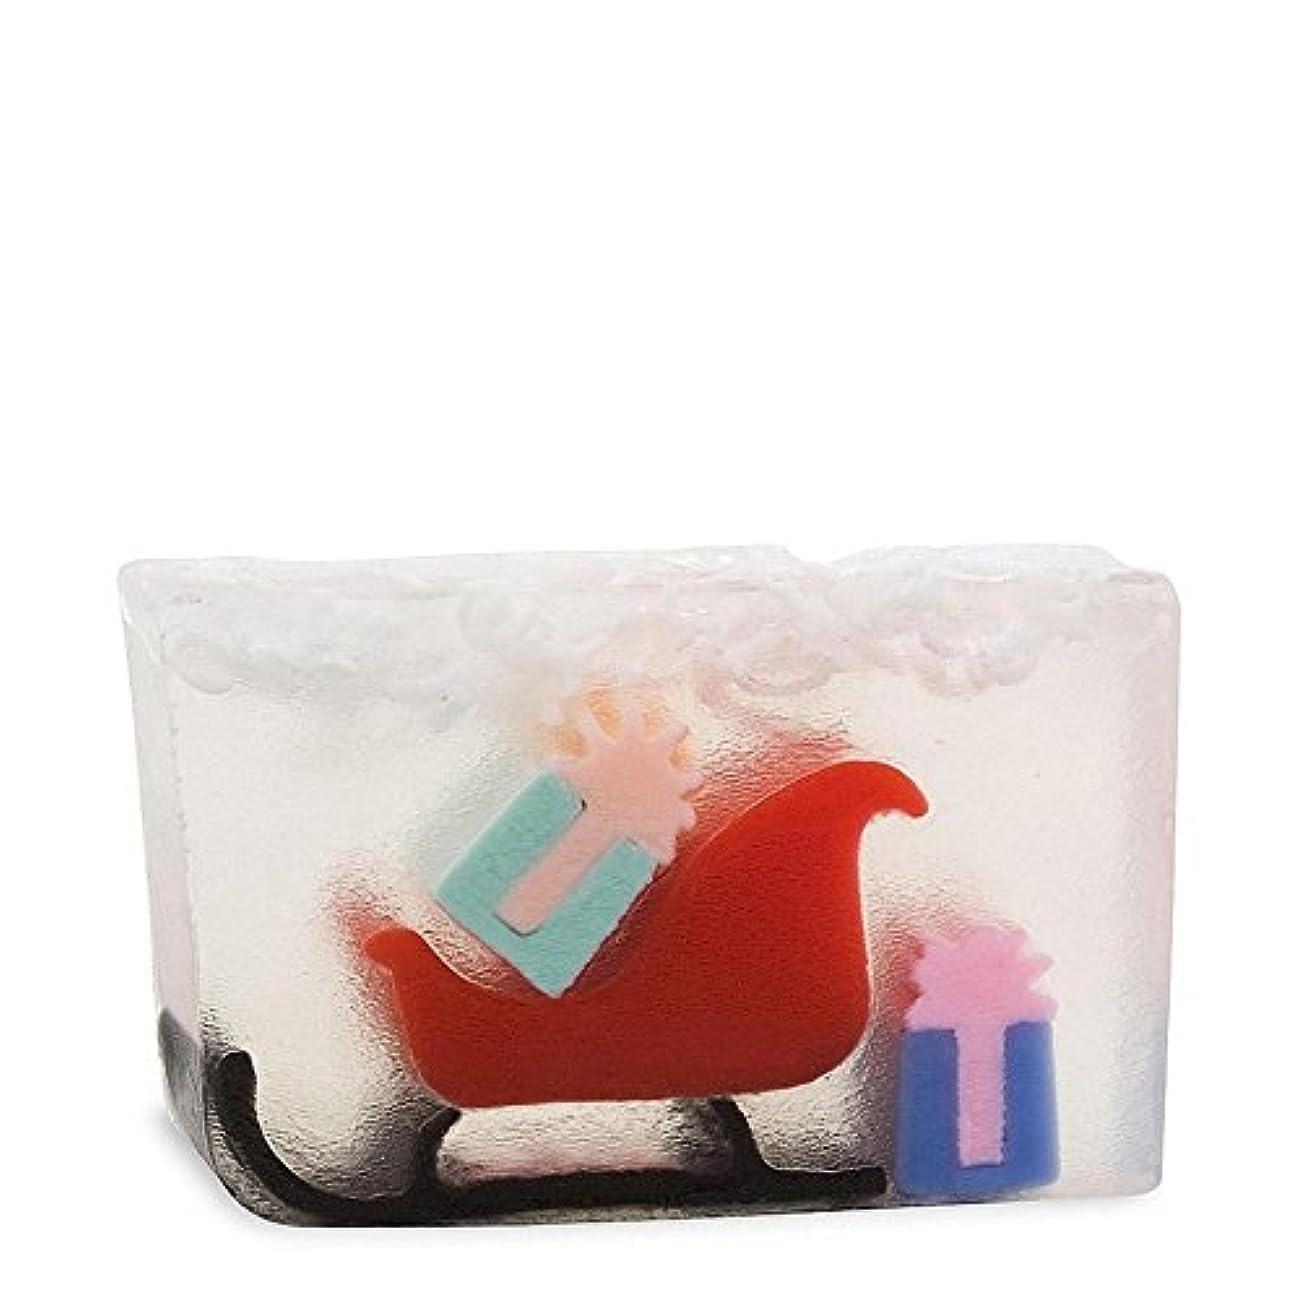 びっくりする議会オプションPrimal Elements Santas Sleigh - 原始要素のサンタのそり [並行輸入品]